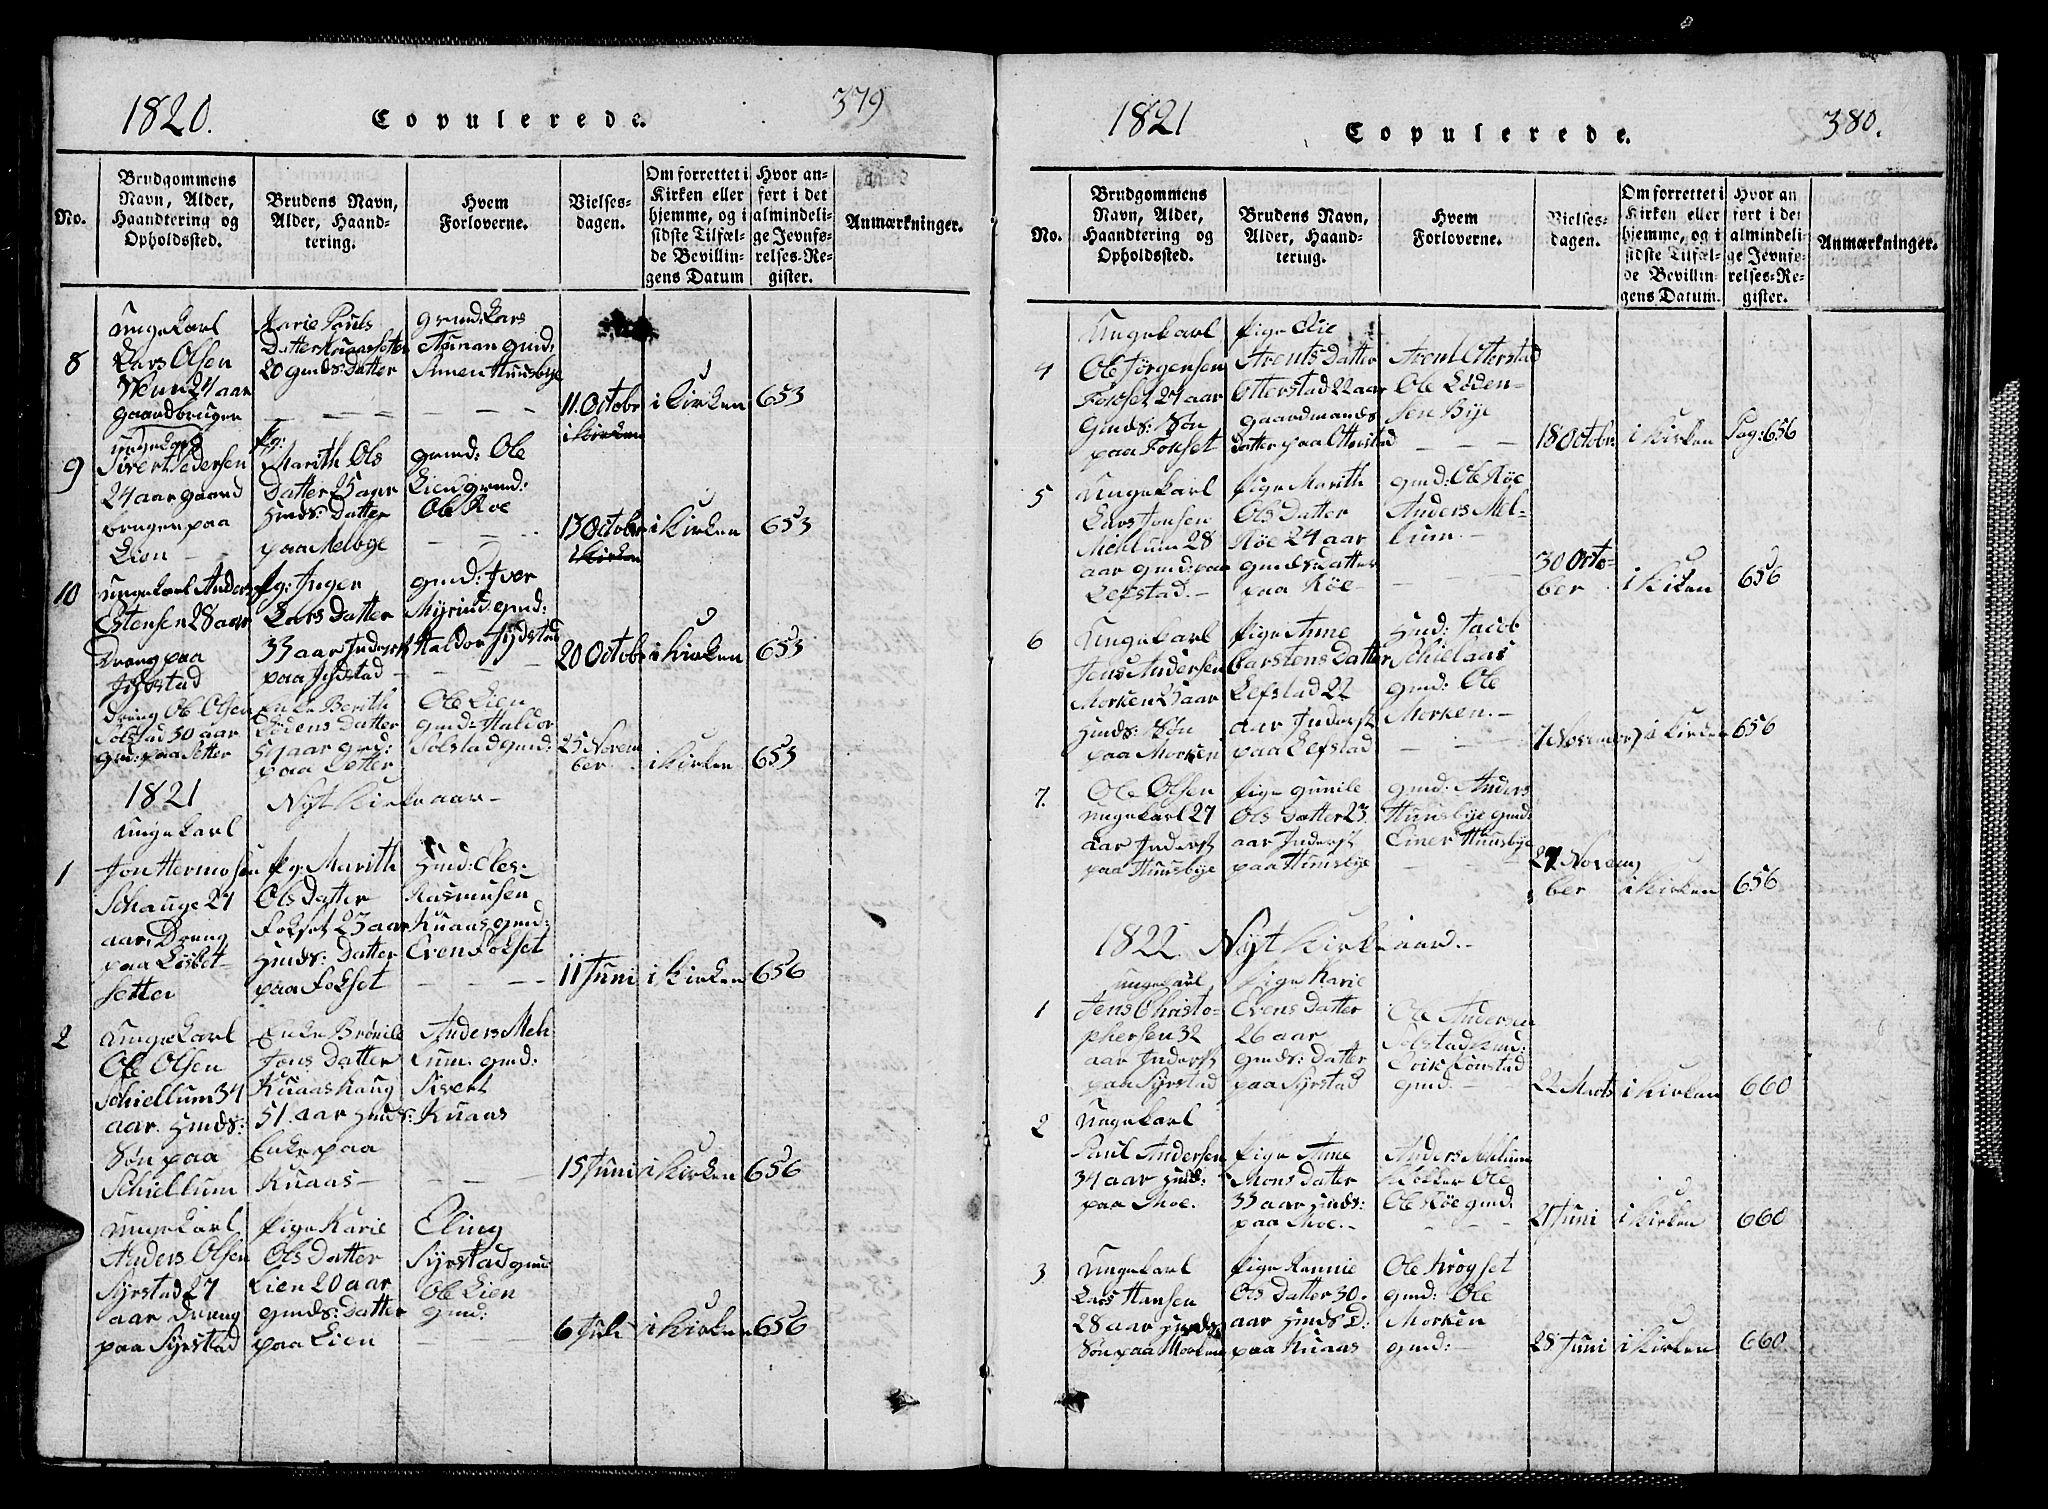 SAT, Ministerialprotokoller, klokkerbøker og fødselsregistre - Sør-Trøndelag, 667/L0796: Klokkerbok nr. 667C01, 1817-1836, s. 379-380